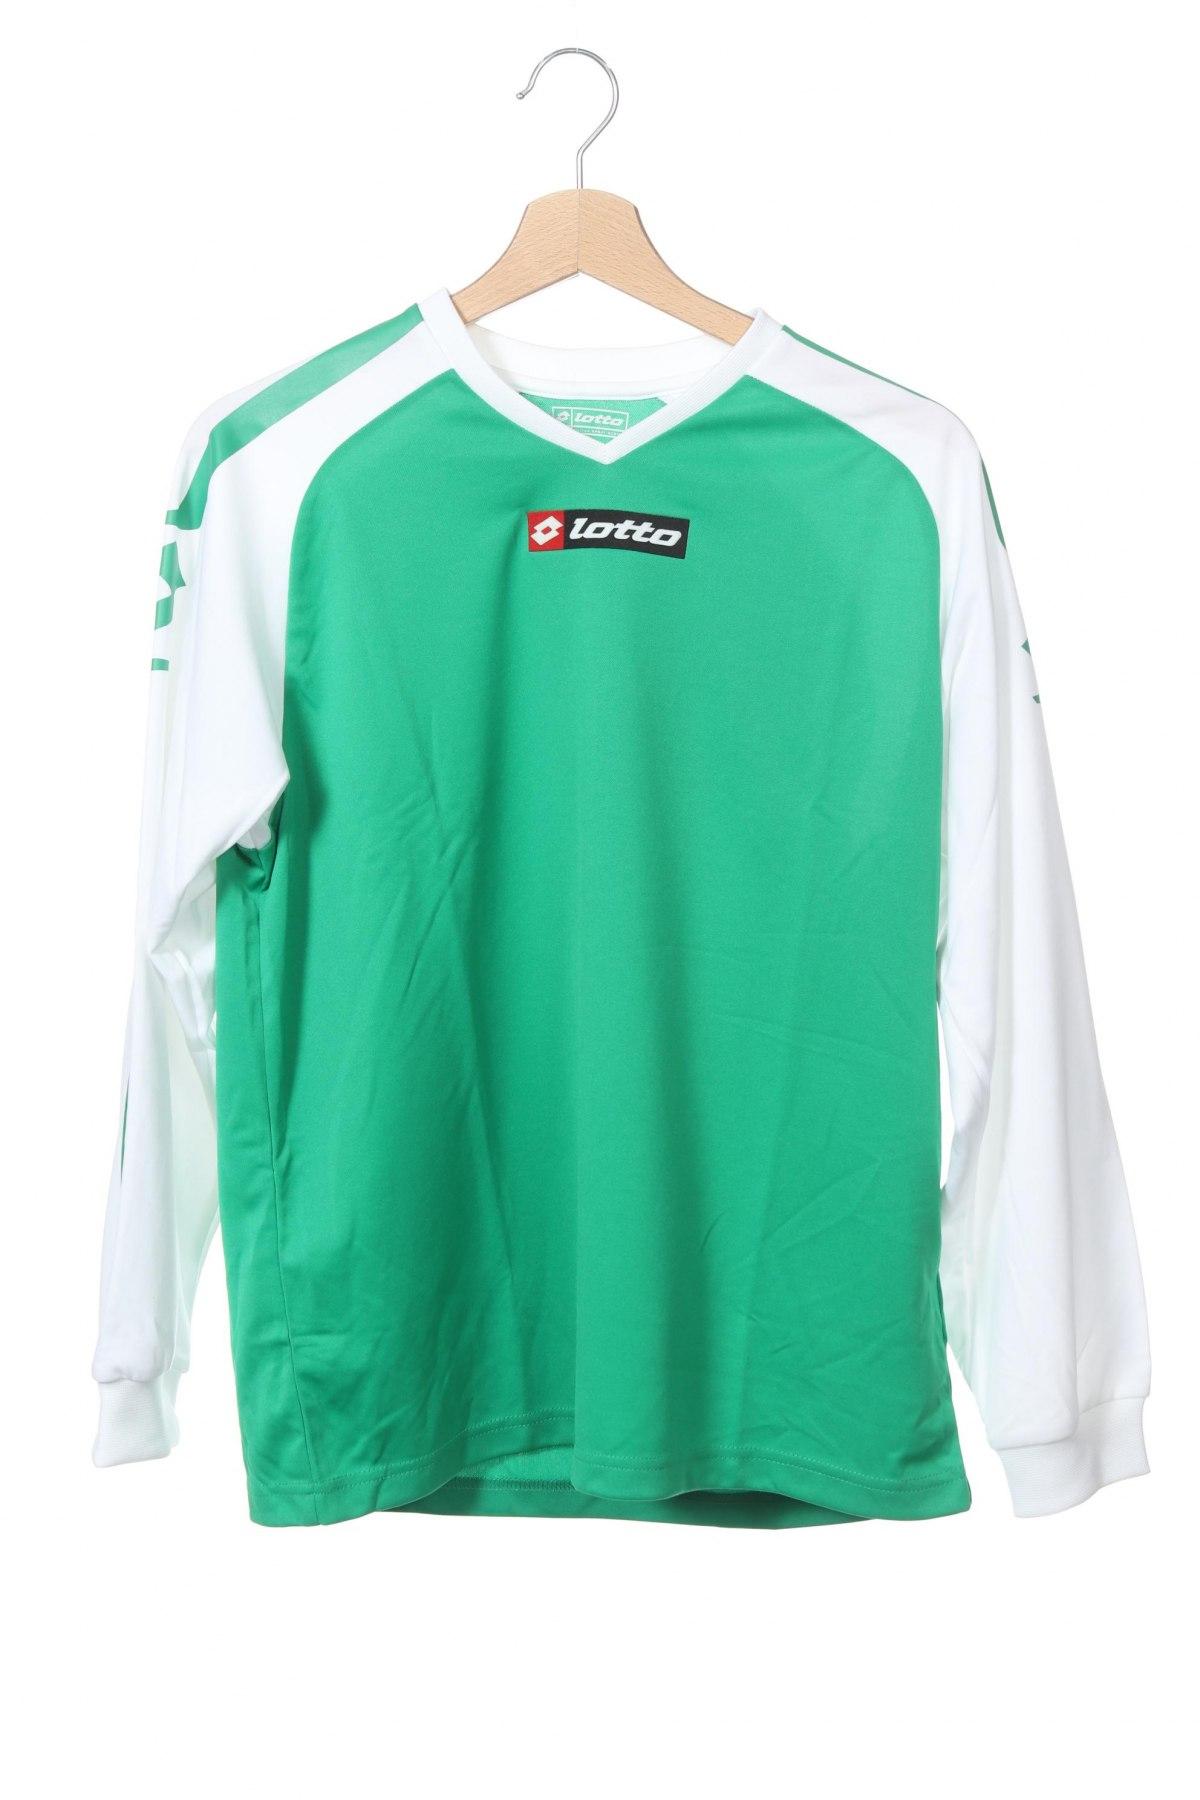 Παιδική μπλούζα αθλητική Lotto, Μέγεθος 13-14y/ 164-168 εκ., Χρώμα Πράσινο, 100% πολυεστέρας, Τιμή 8,66€